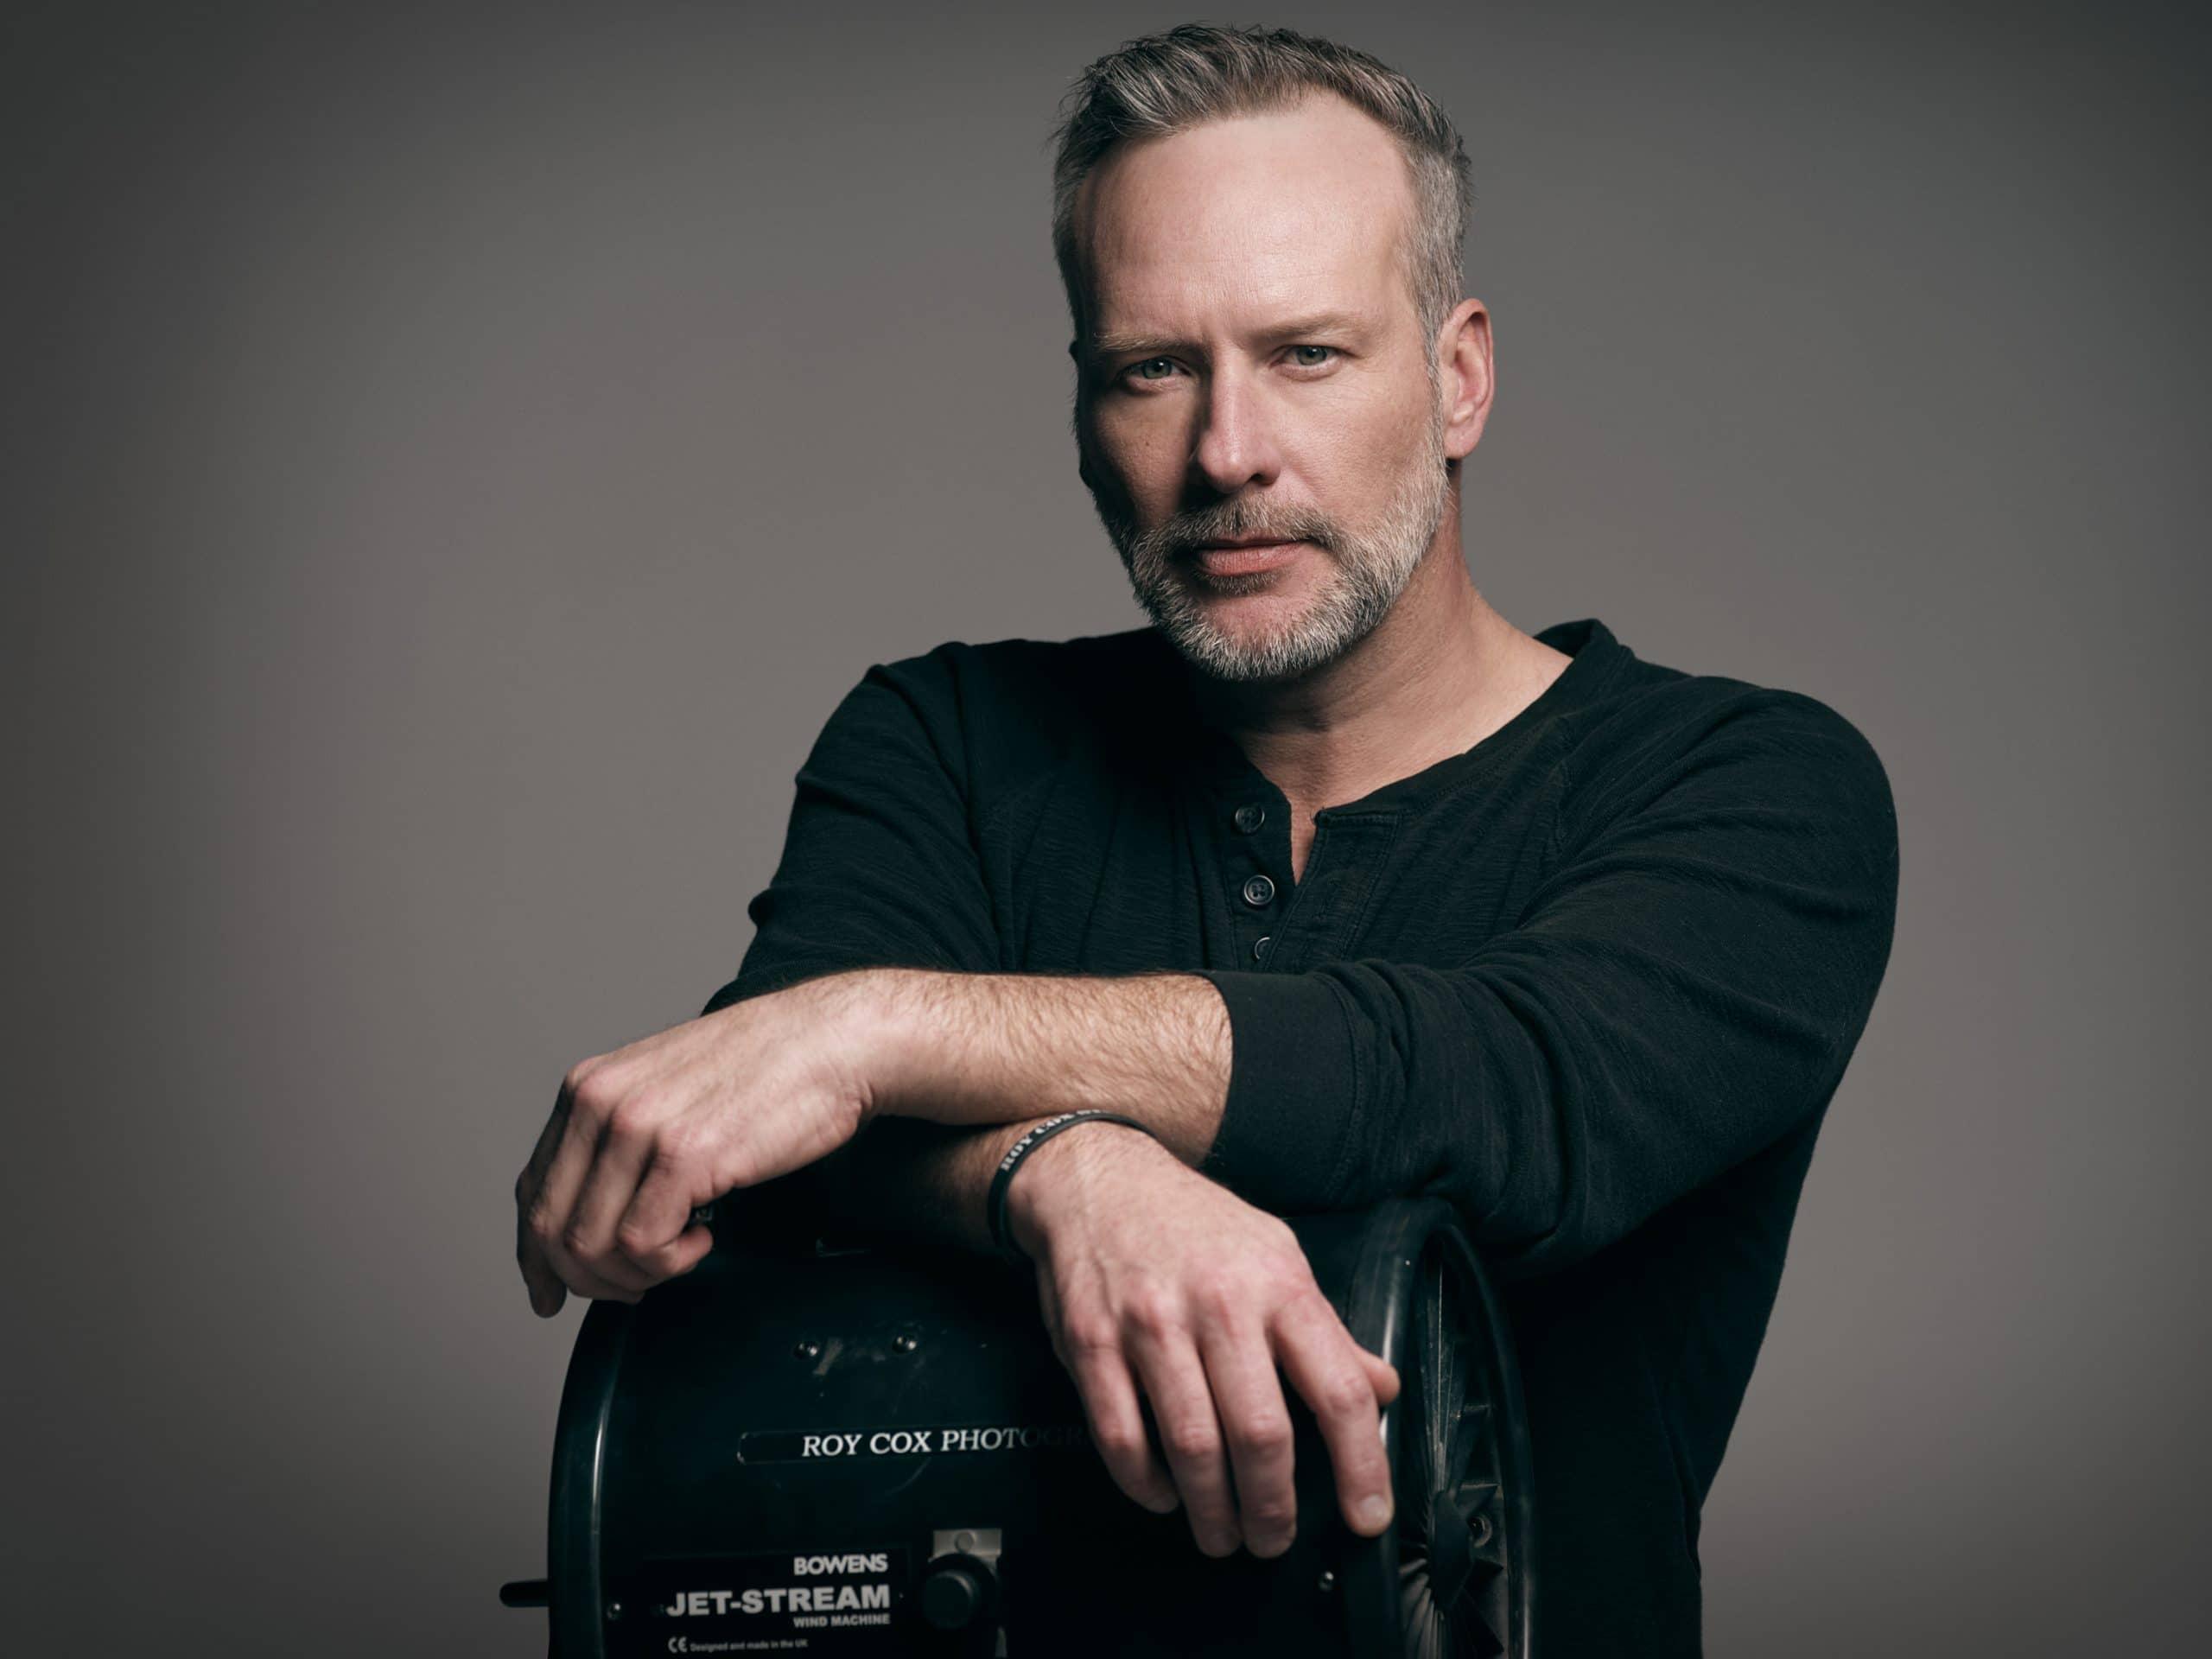 Roy Cox Photographer for Faith Hope Dreams